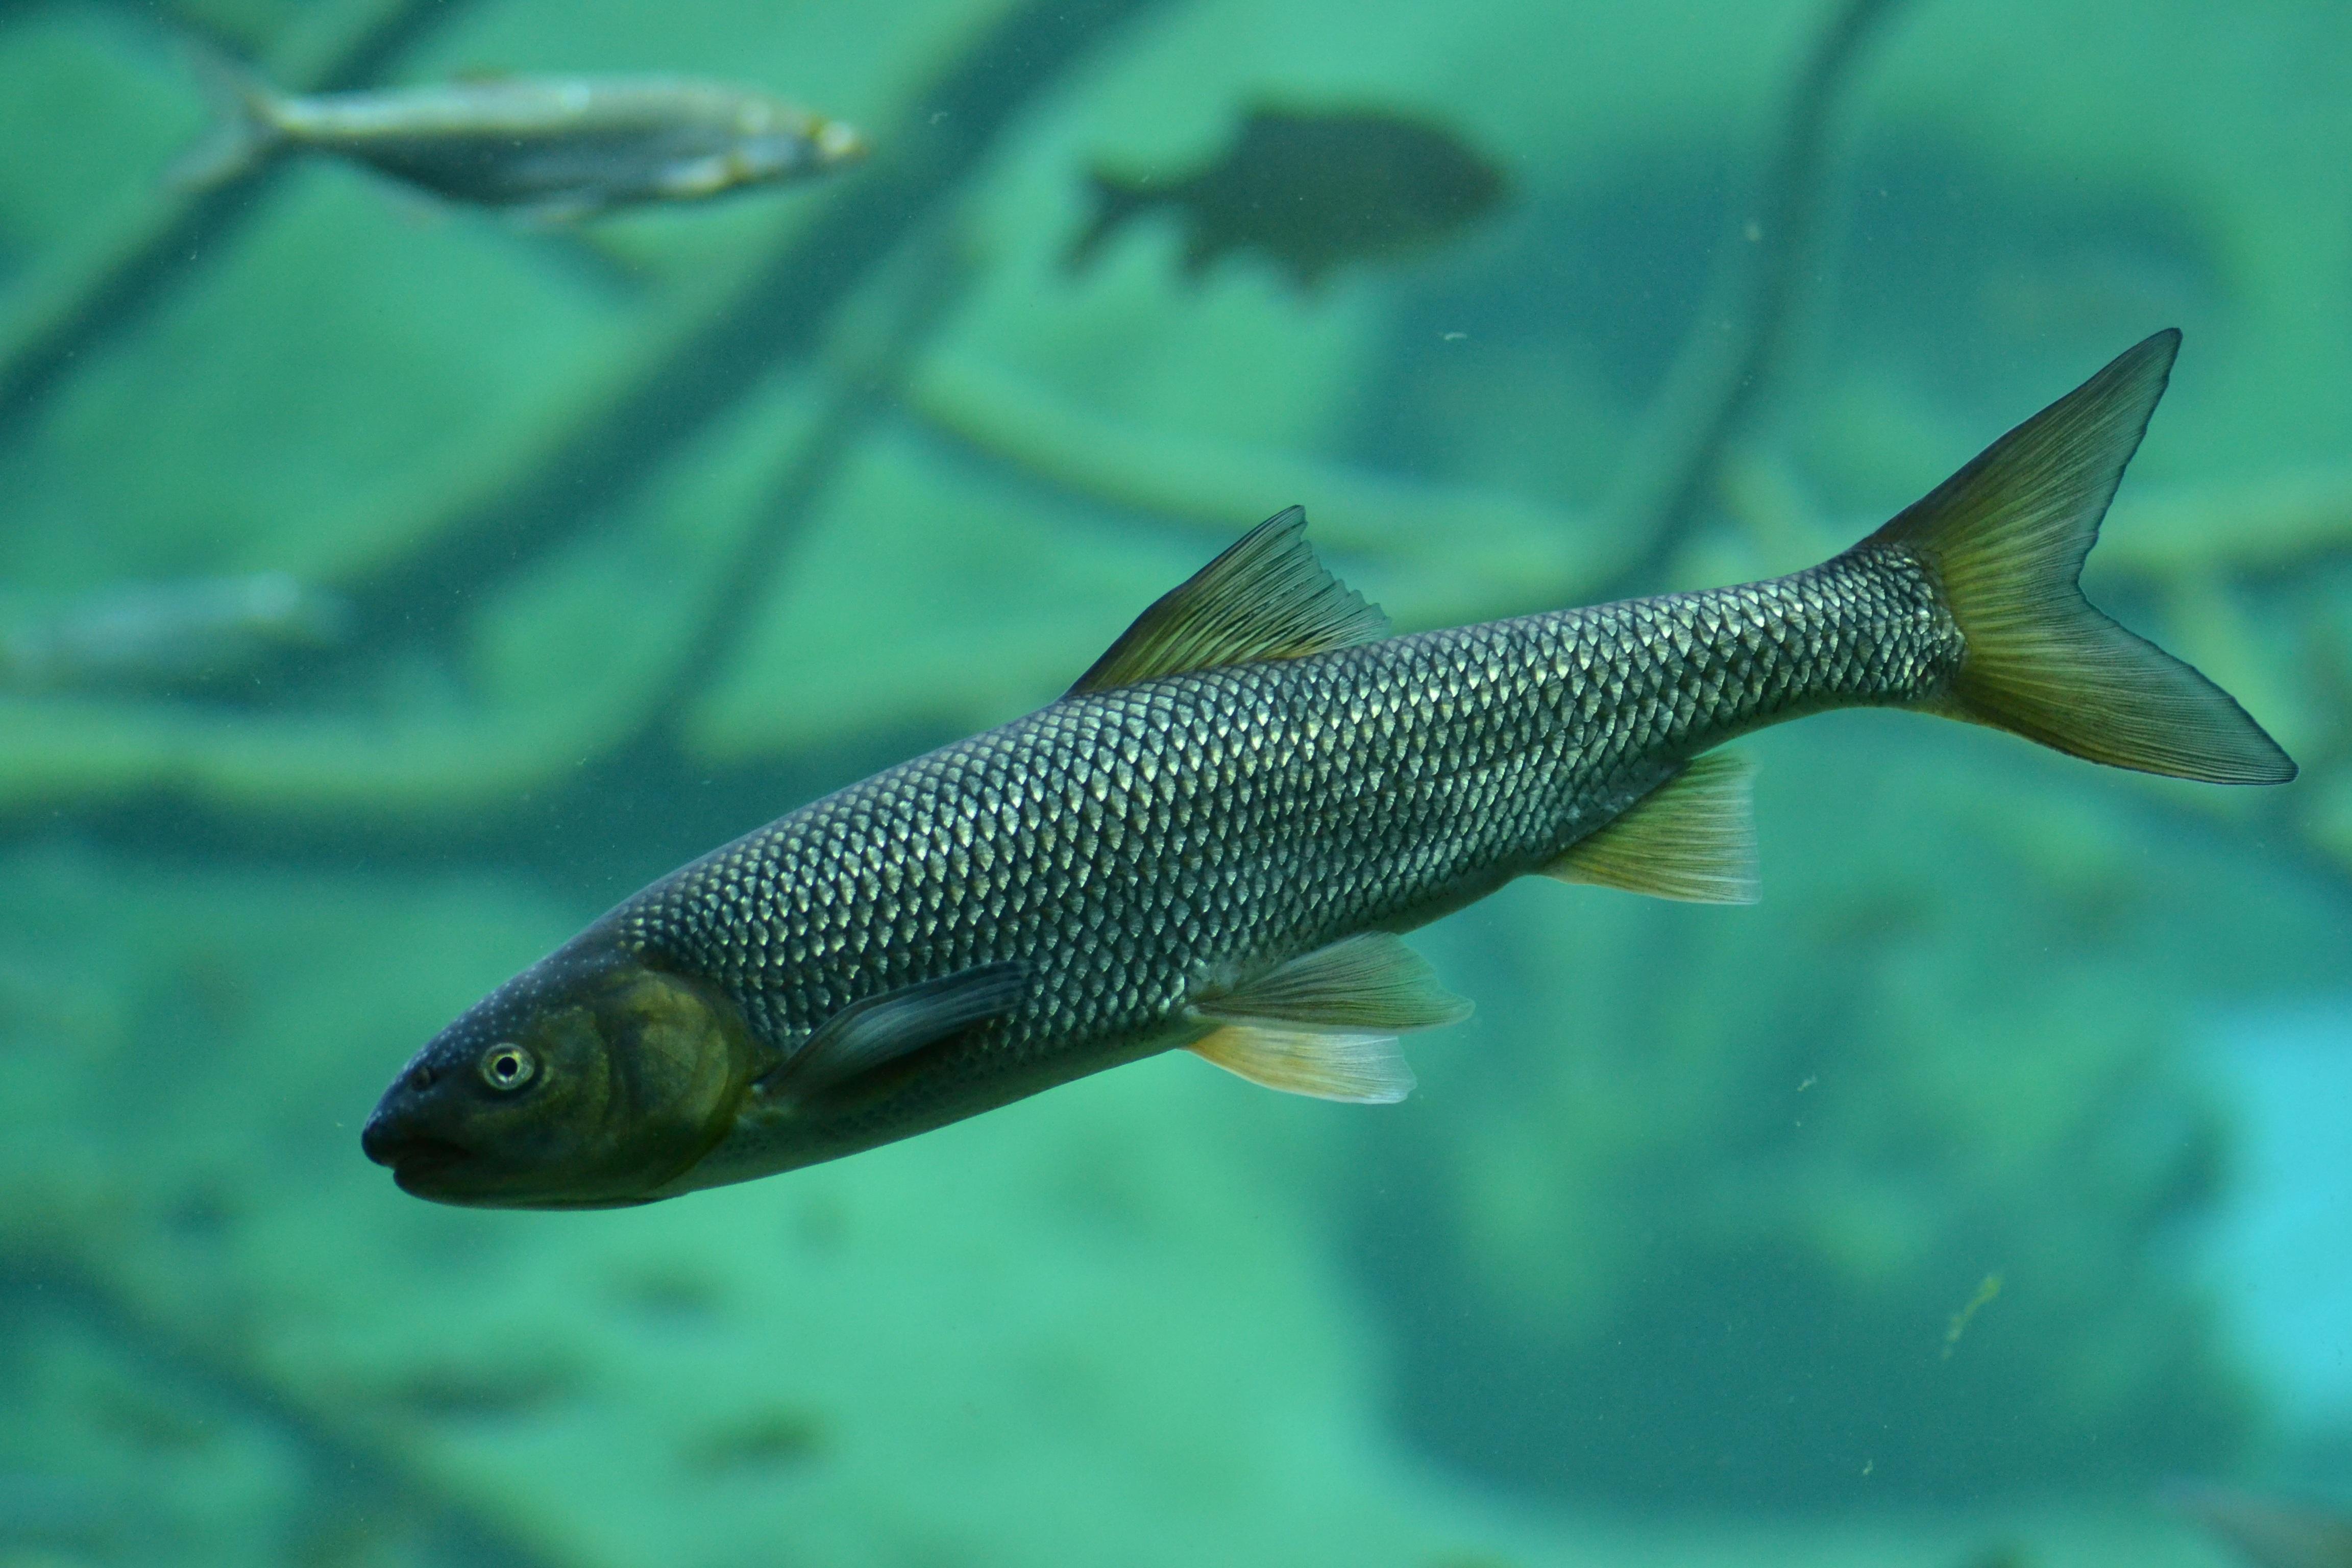 группе фото рыб в российских водоемах дети